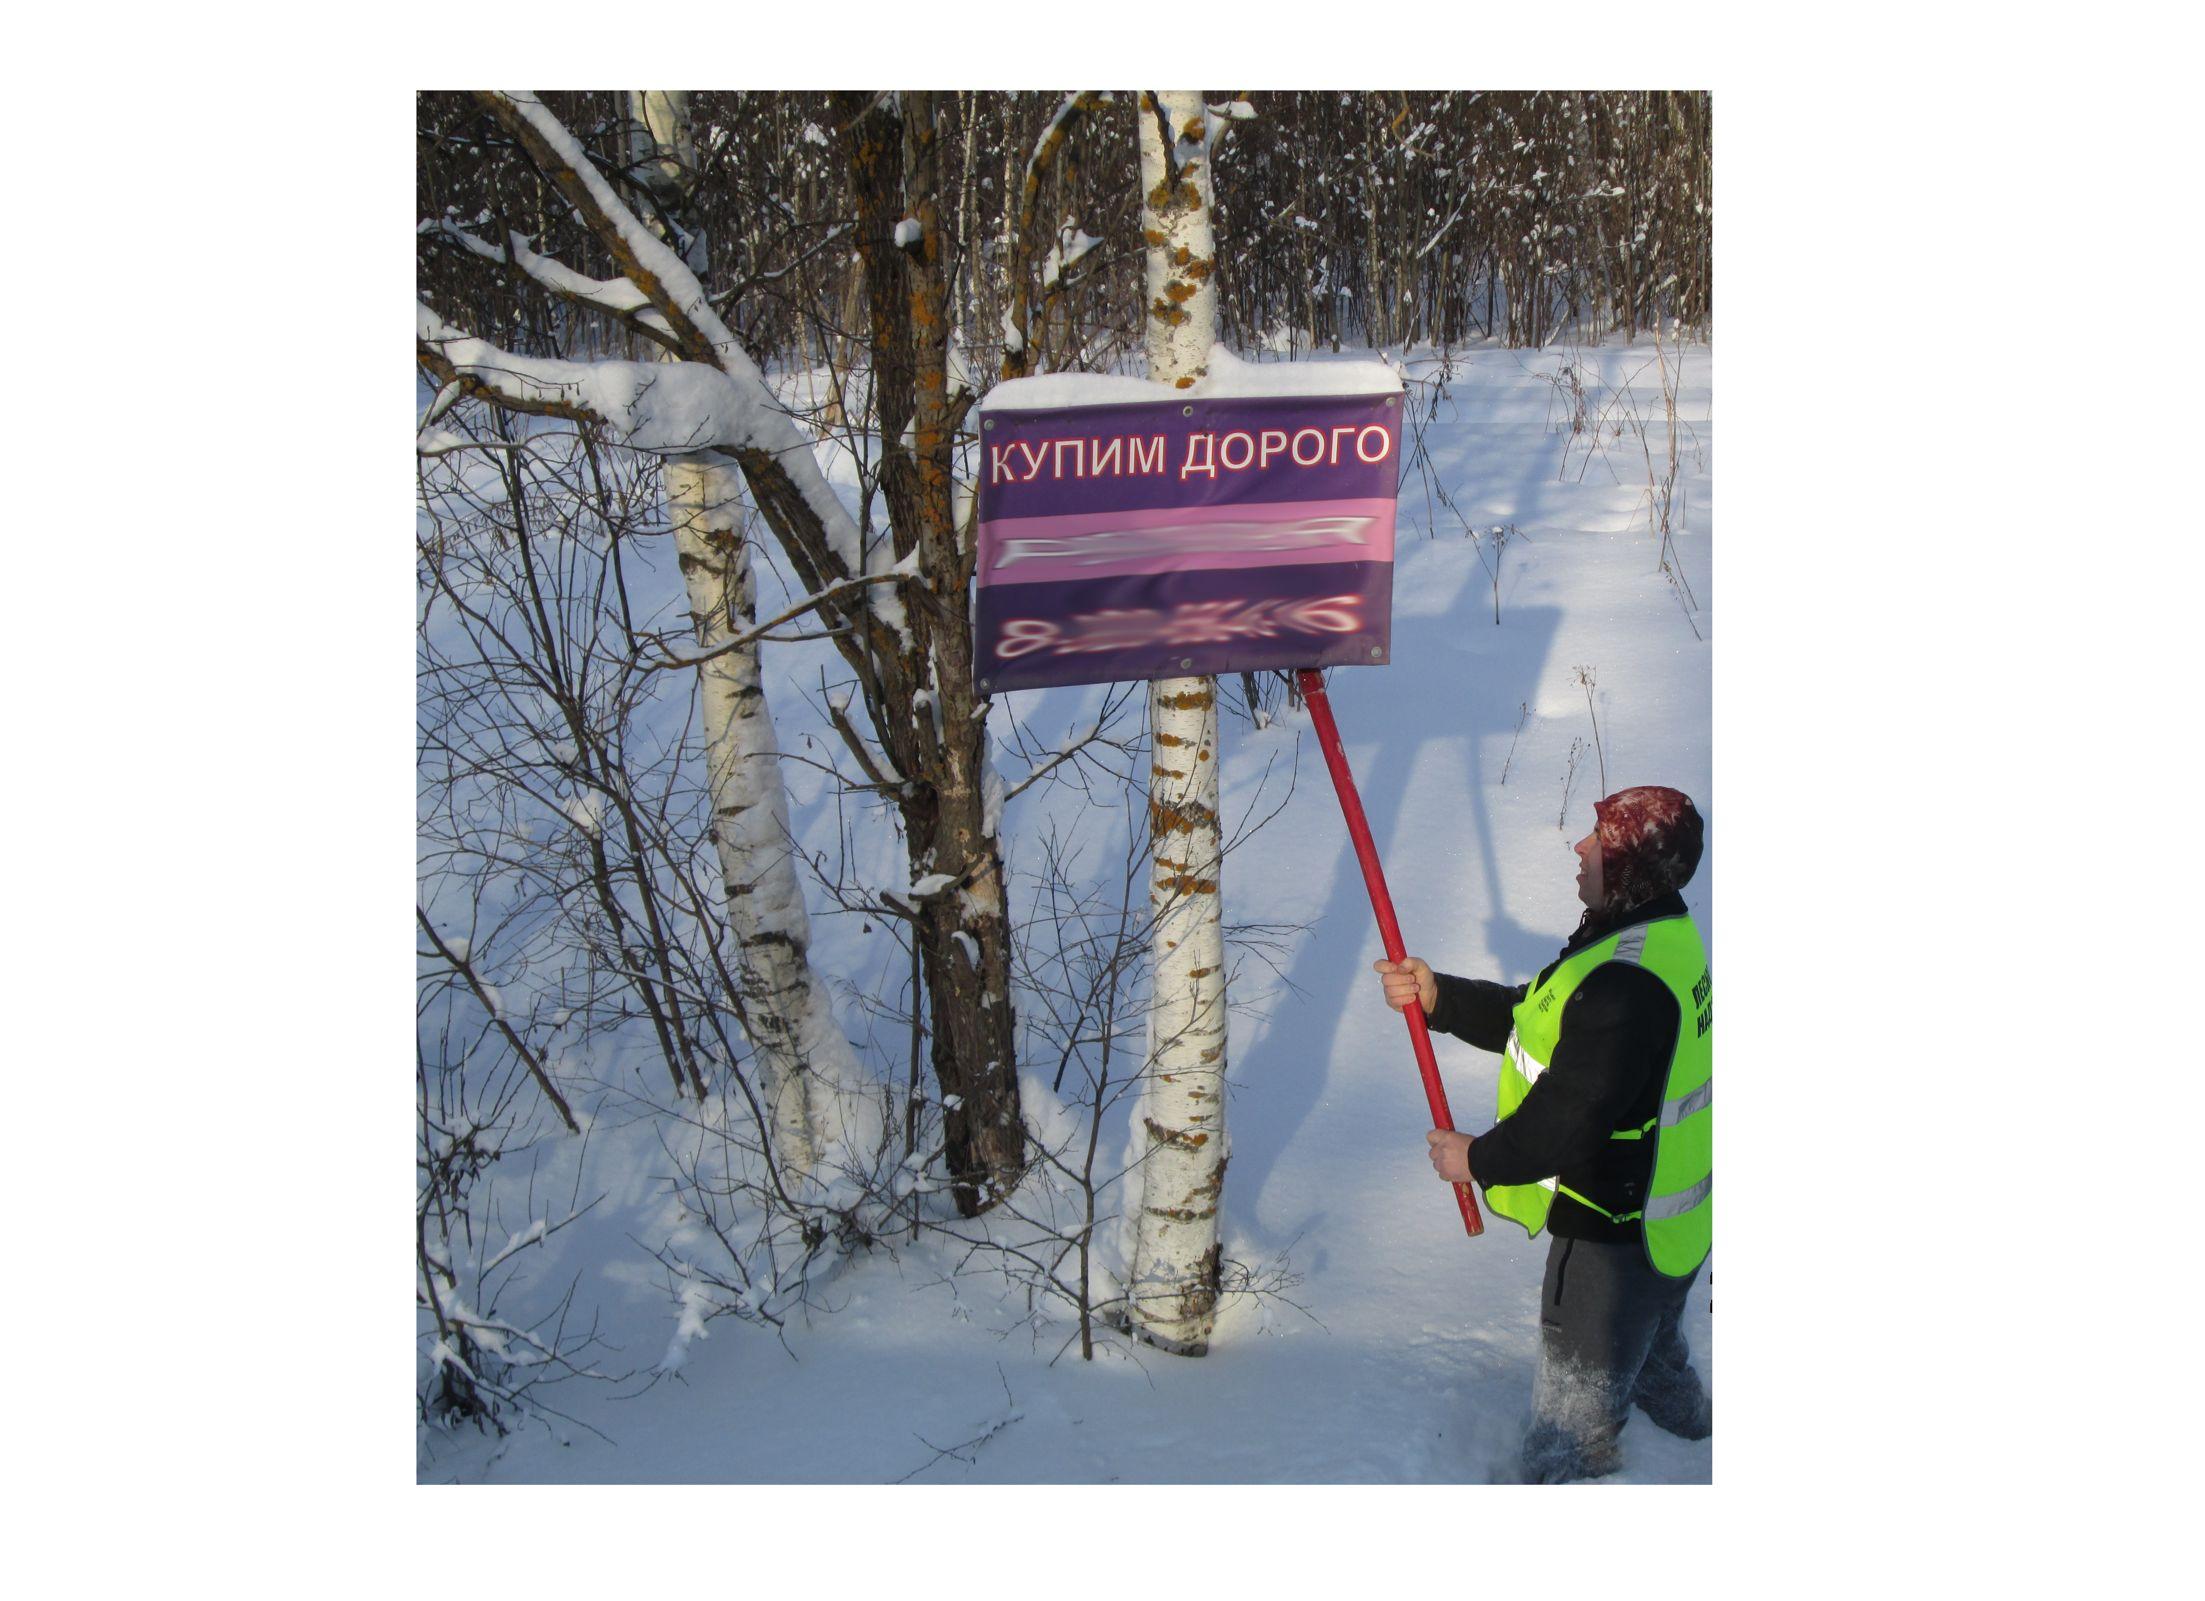 Более 50 рекламных конструкций демонтировали с деревьев с начала года